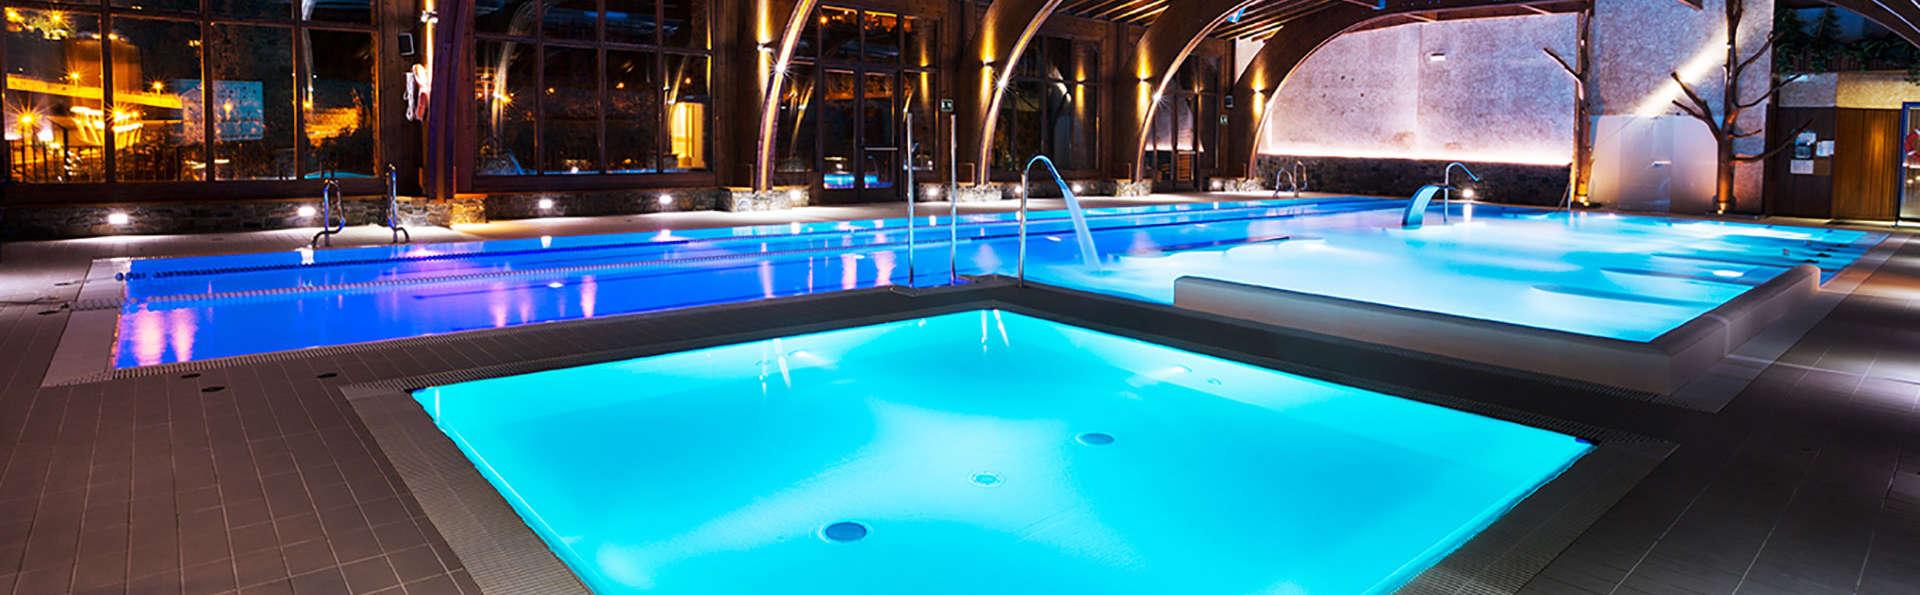 Week-end romantique dans un établissement de prestige avec accès à l'AquaSpa, champagne et chocolats